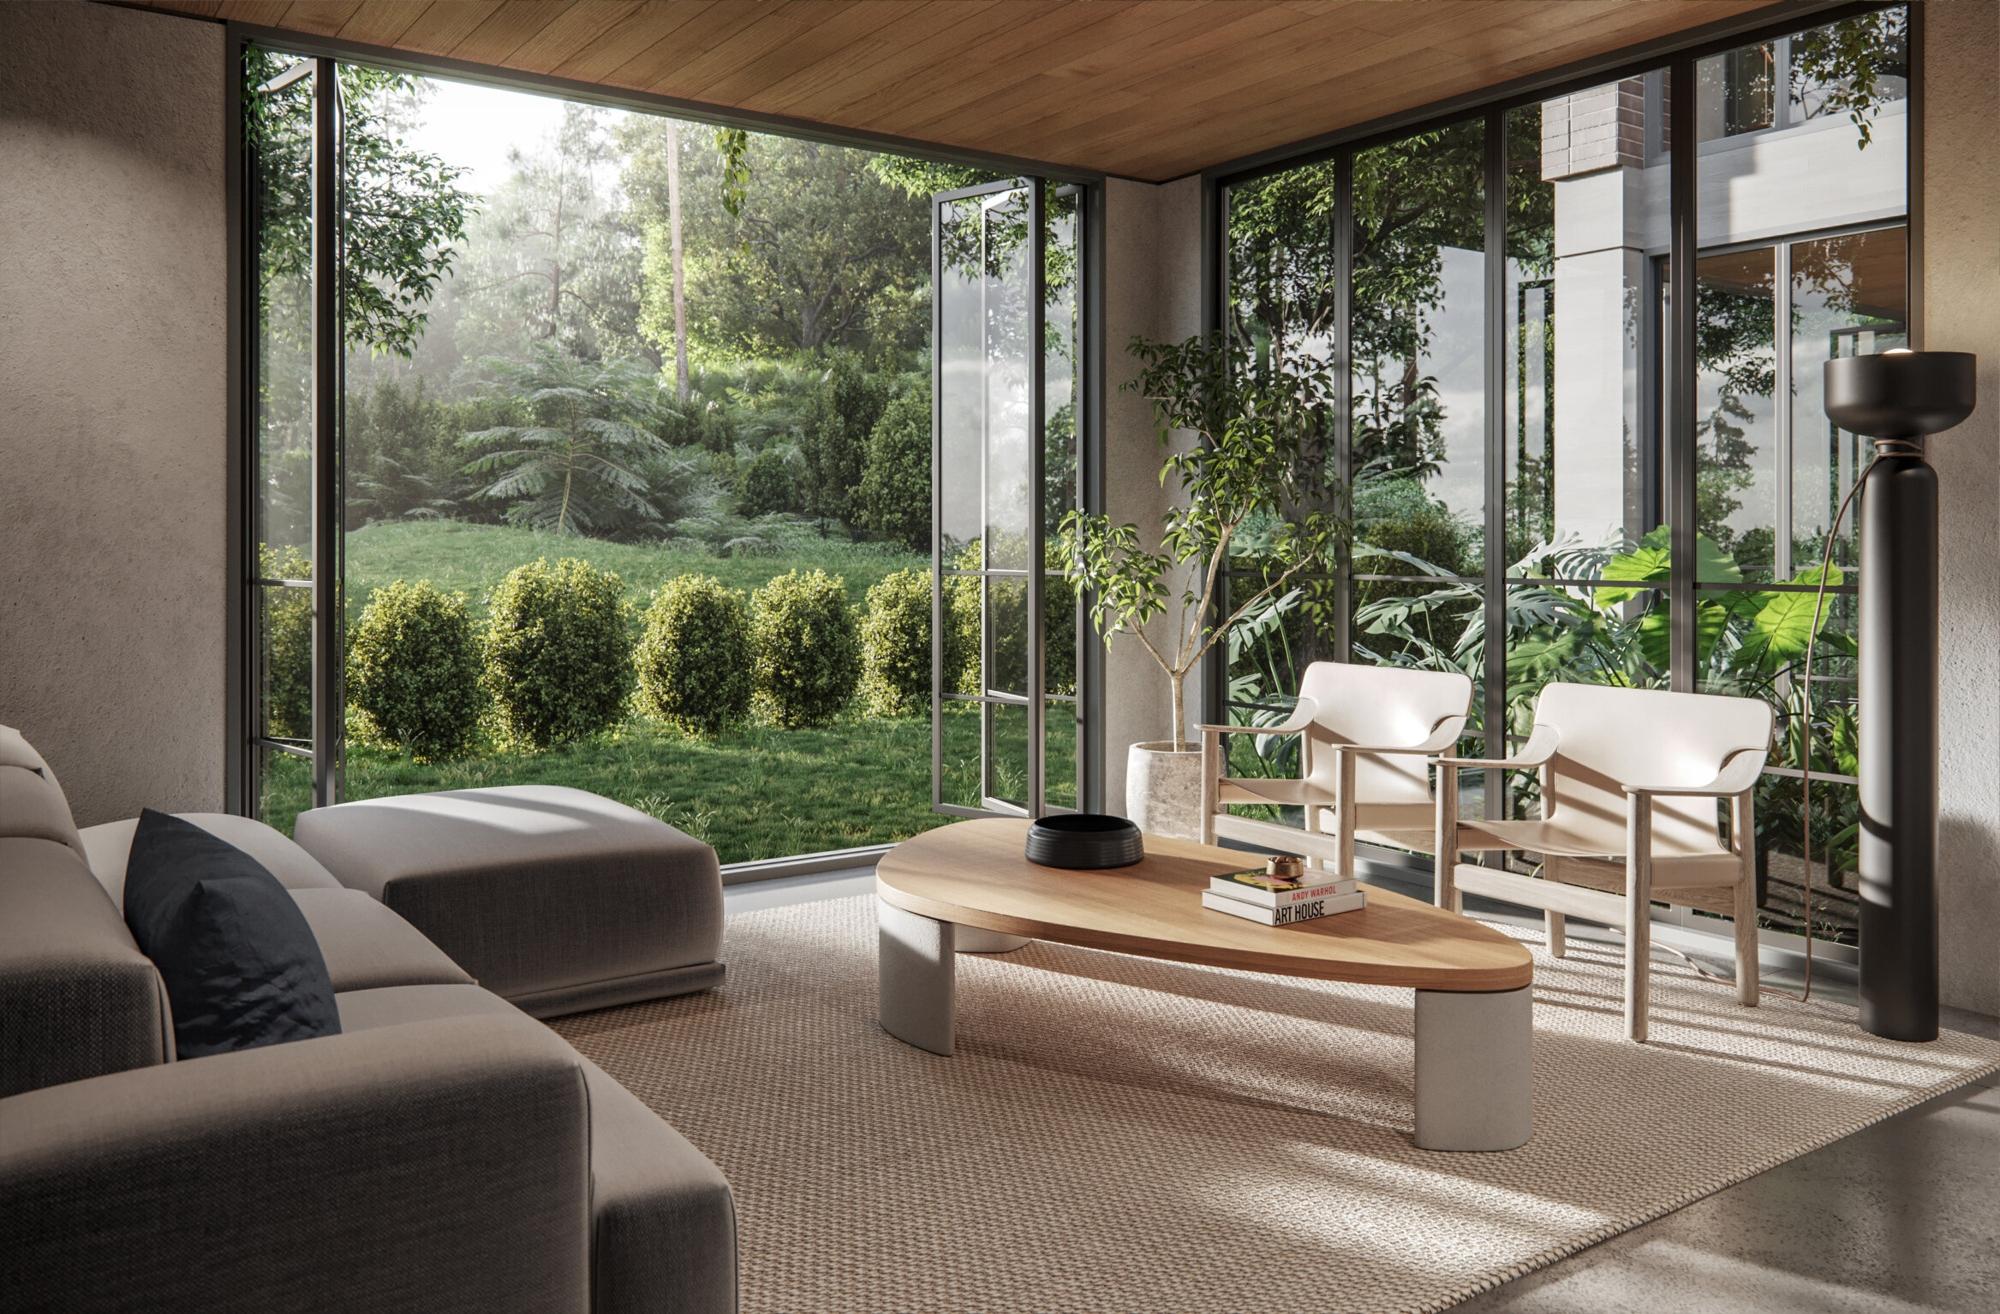 Cinco Sólidos: Una referencia en mundo de Diseño de Interiores en Colombia cinco sólidos Cinco Sólidos: Una referencia en mundo de Diseño de Interiores en Colombia featured 13